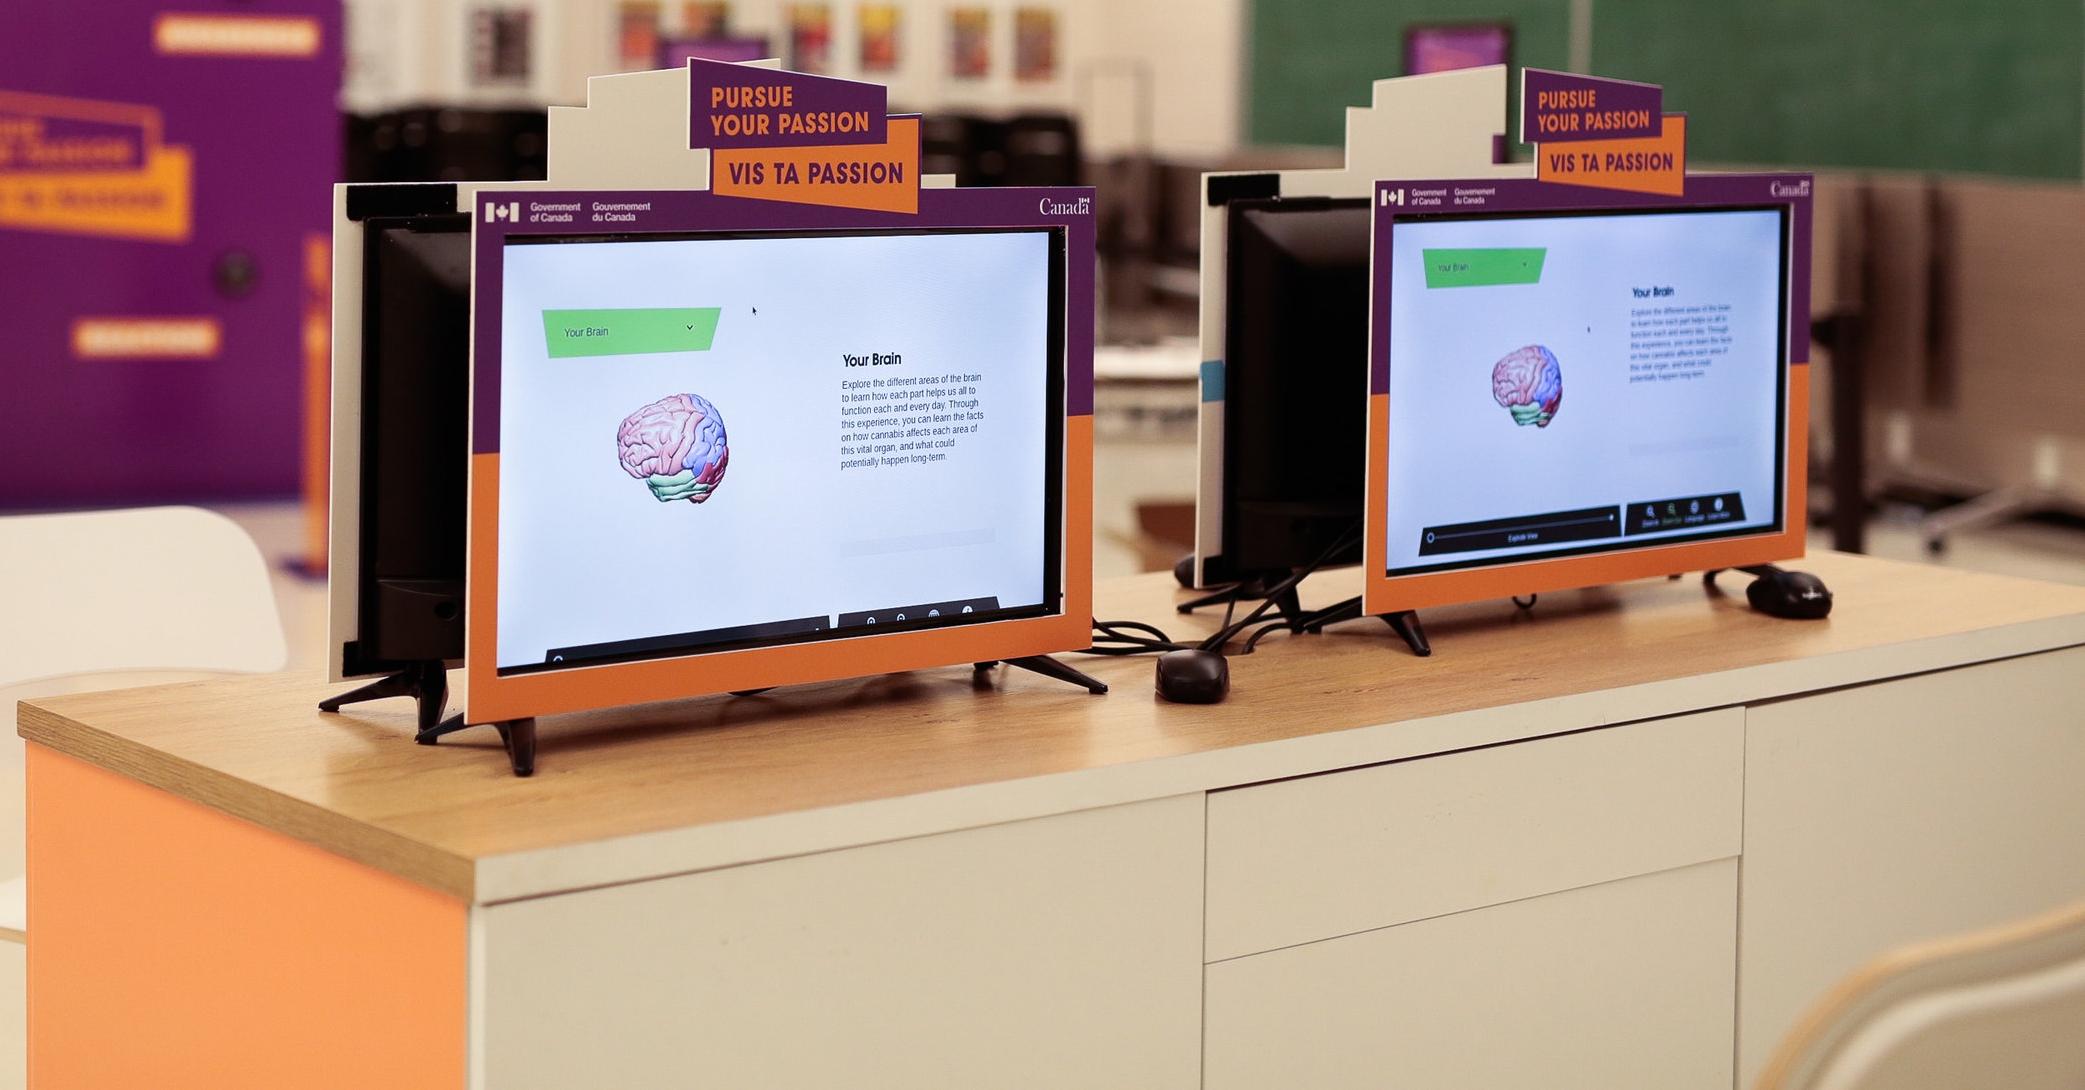 Le cerveau 360 sur des écrans d'ordinateur